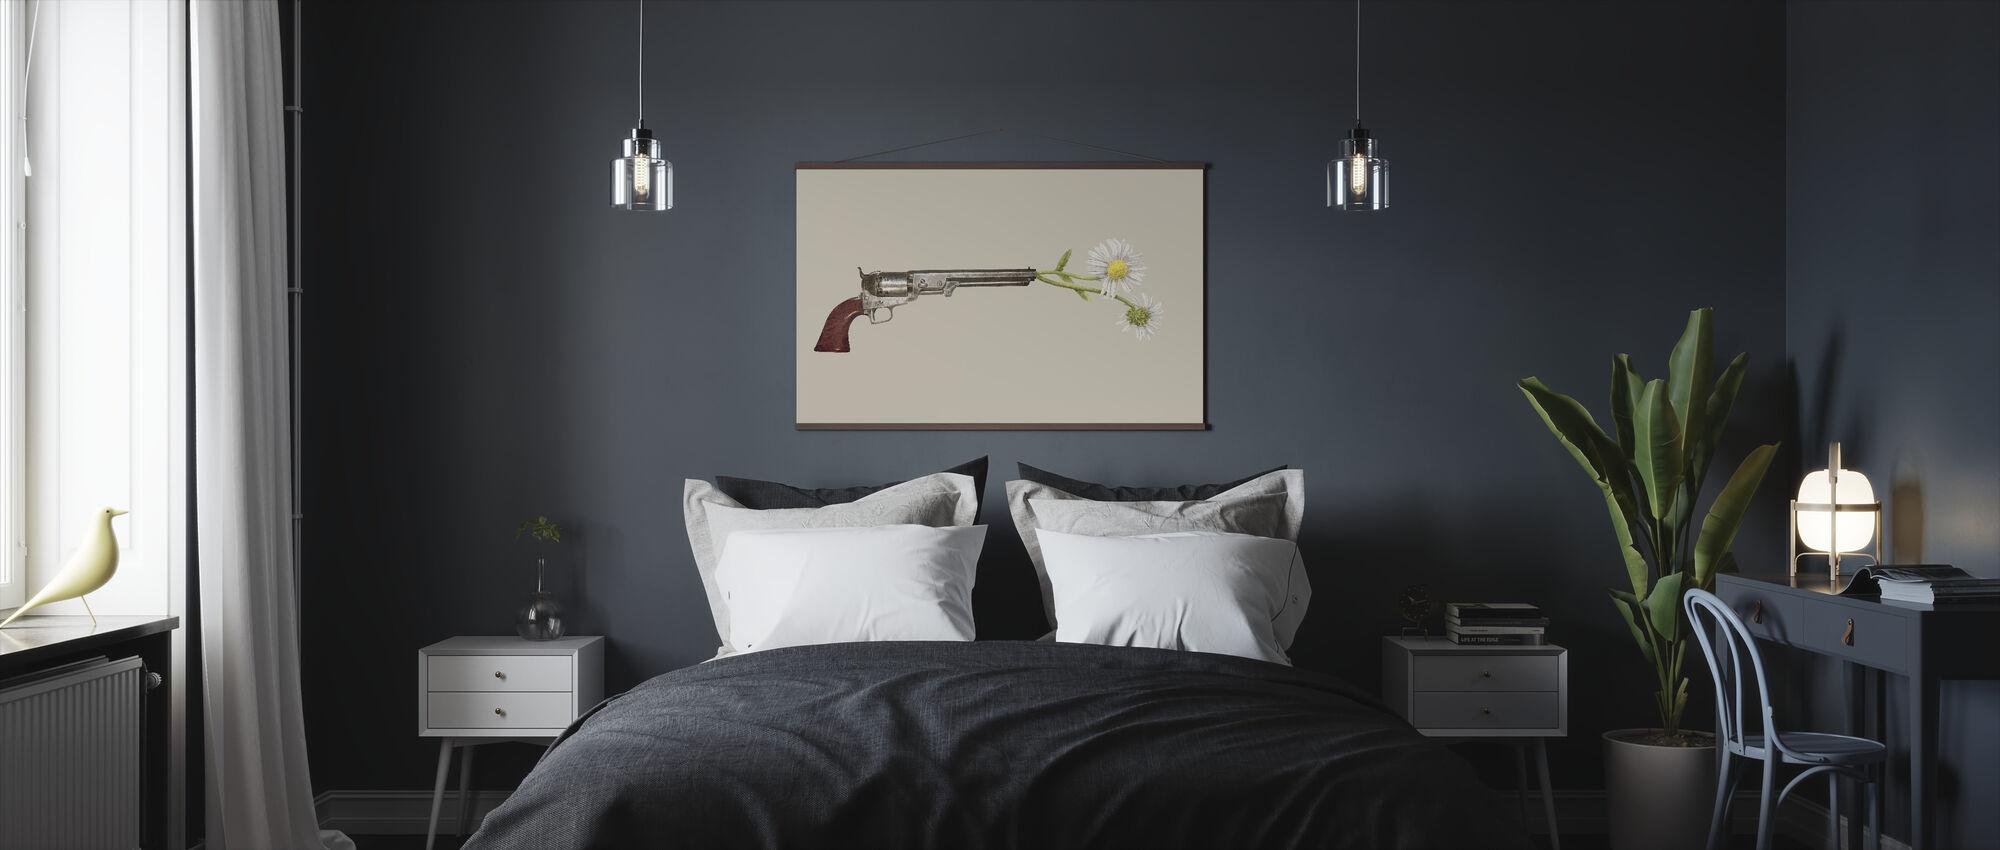 Peacemaker - Poster - Bedroom